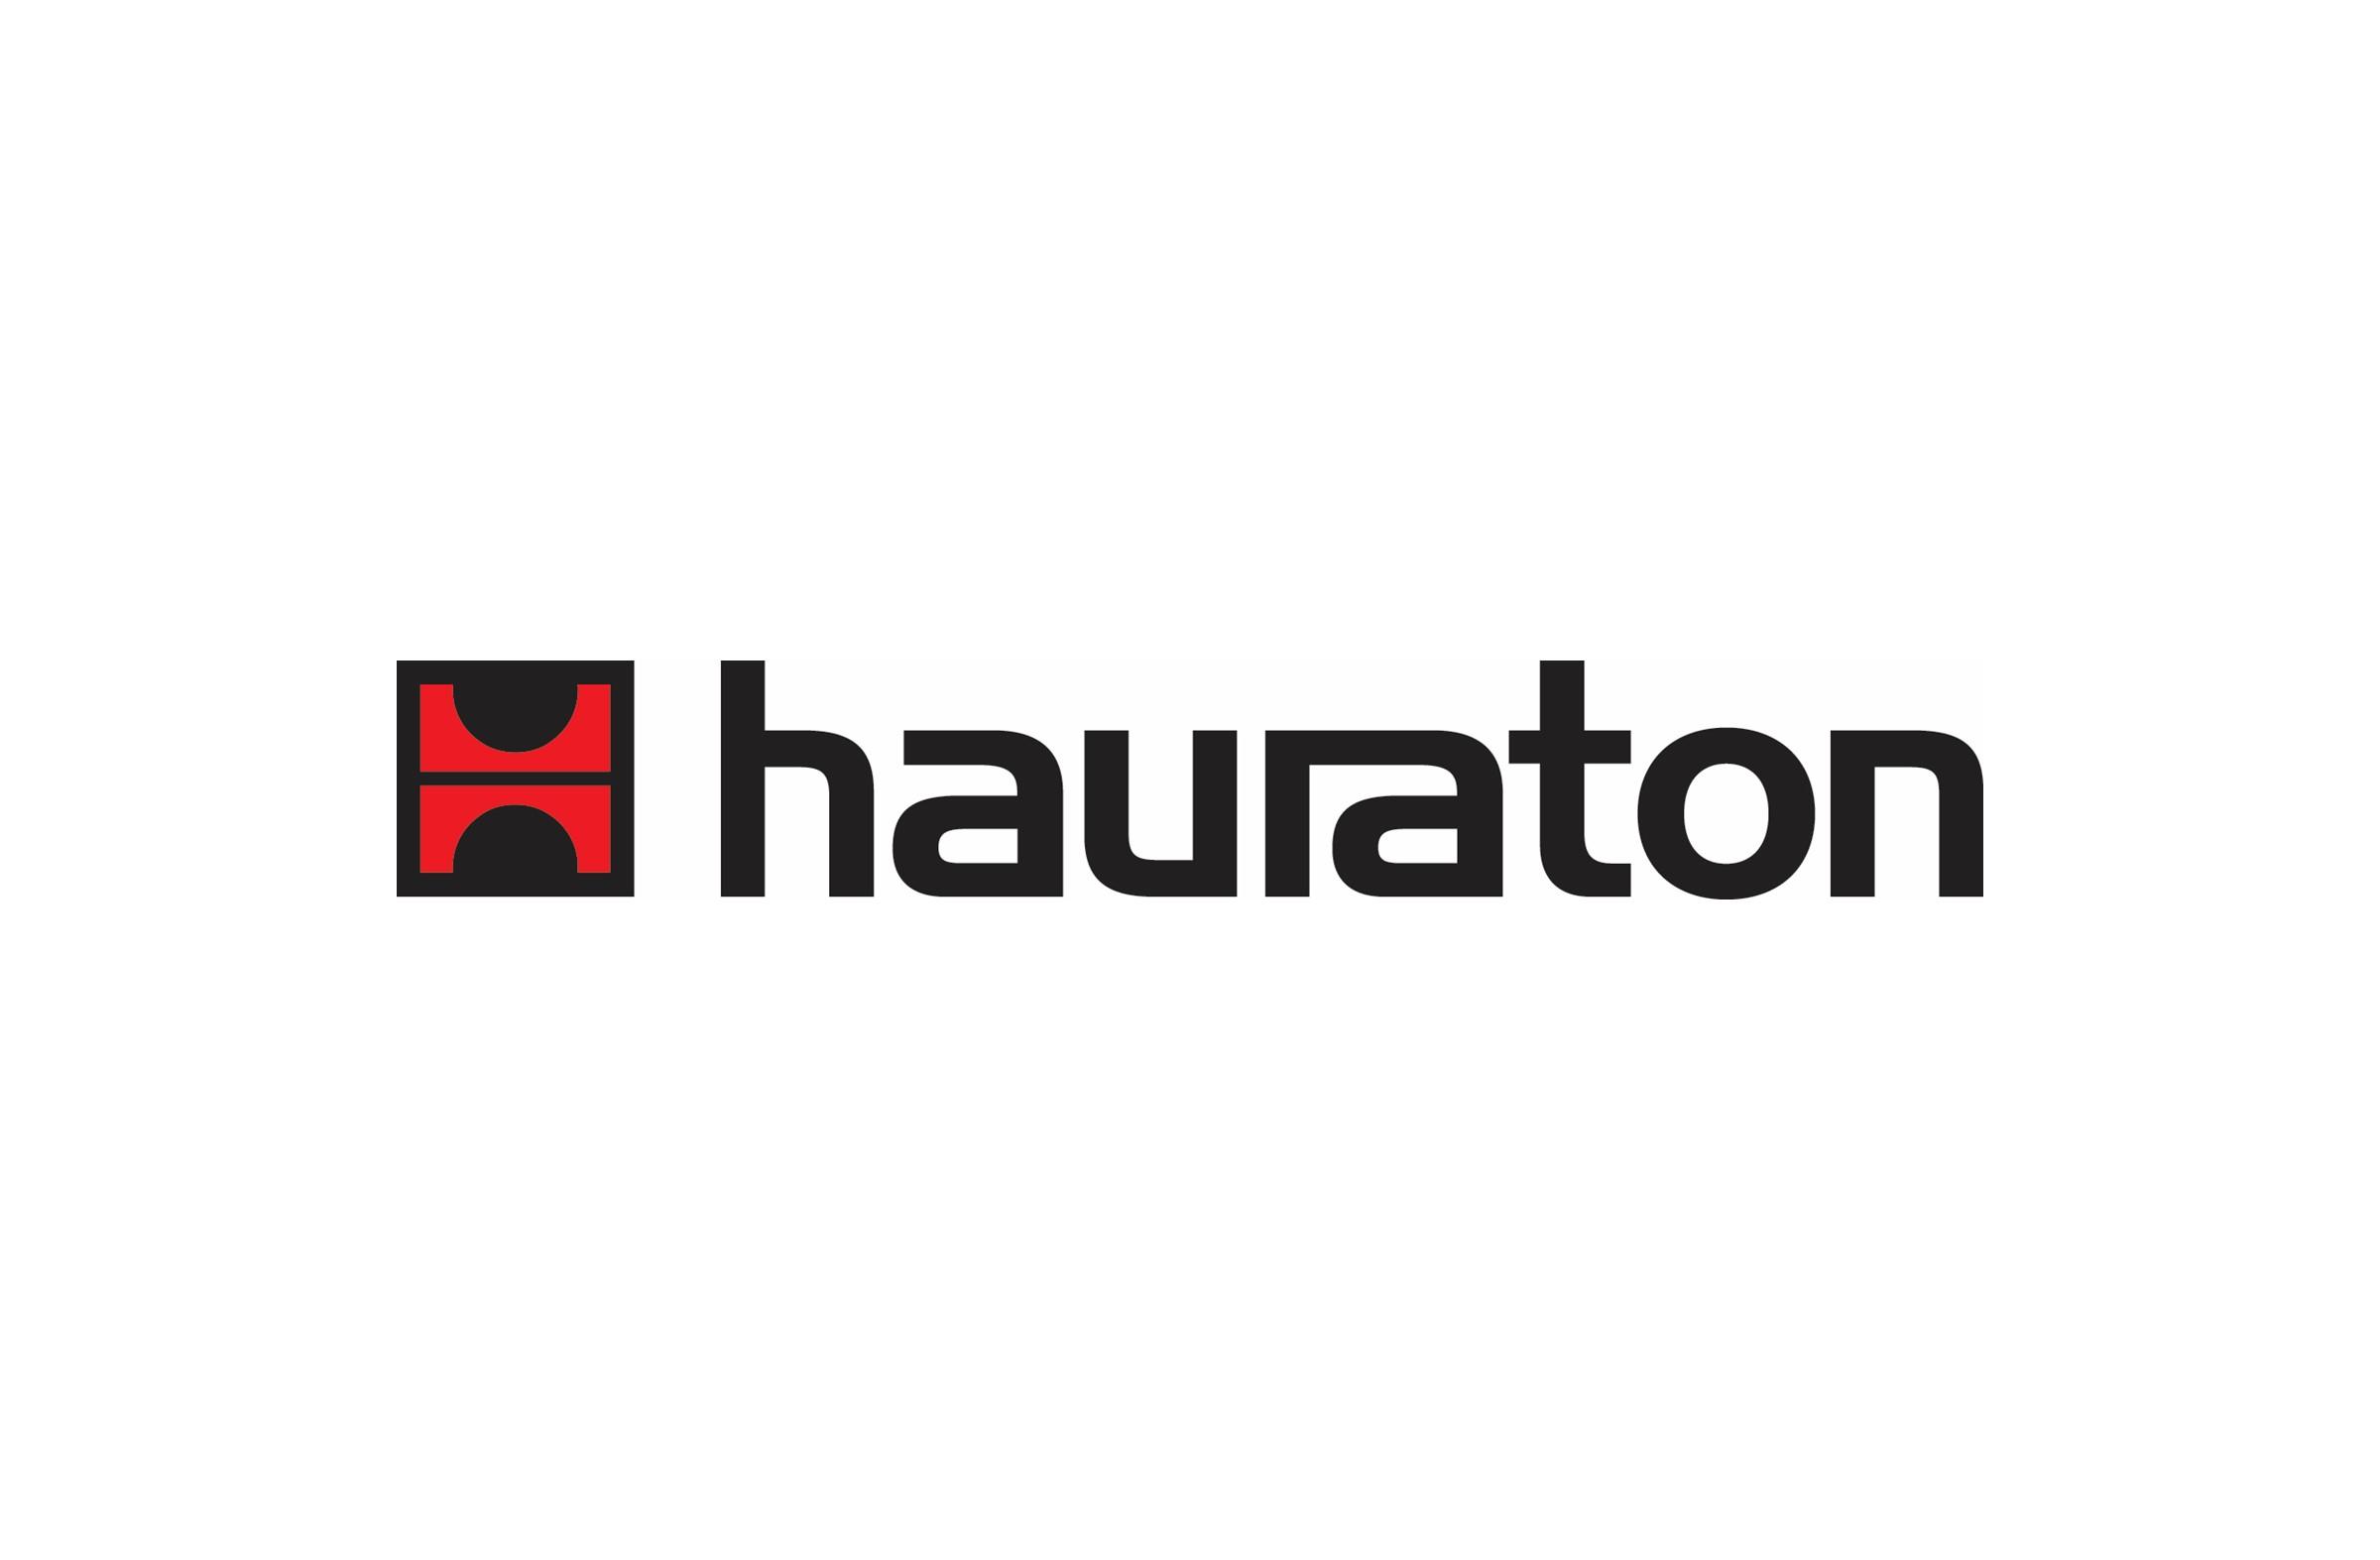 HAURATON – INDYWIDUALNE ROZWIĄZANIA DLA INWESTYCJI INFRASTRUKTURALNYCH